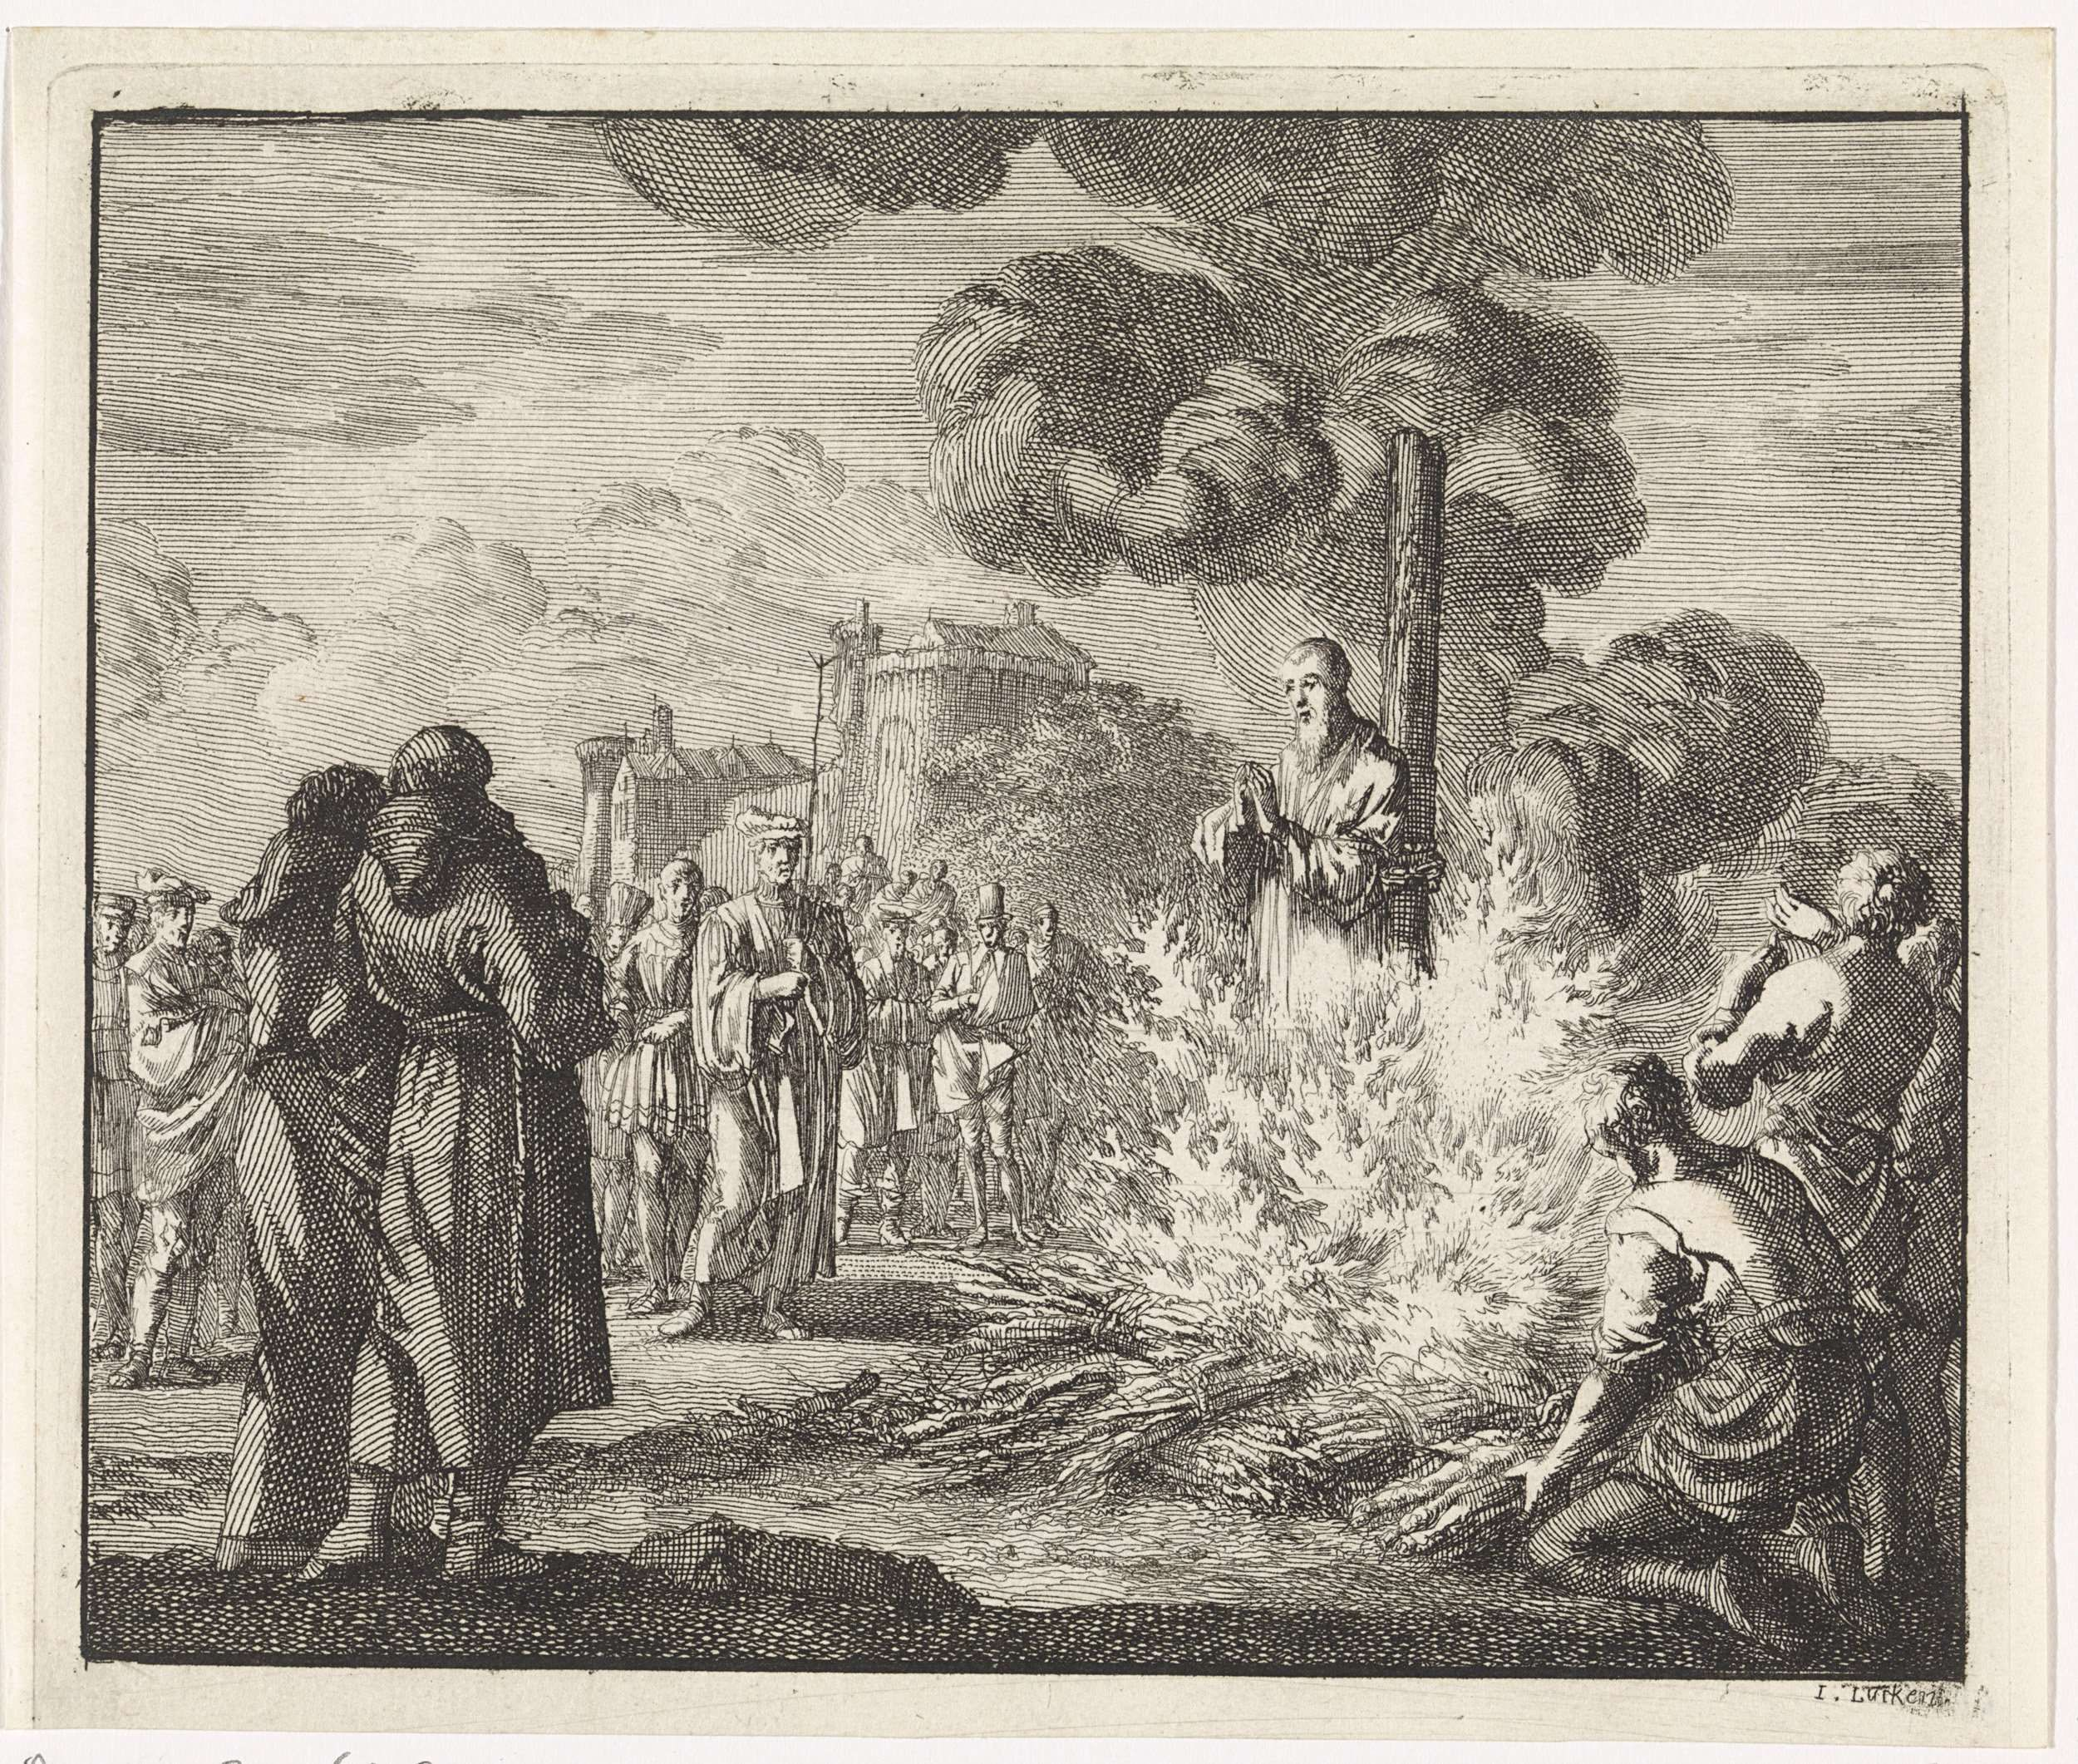 Jan Luyken   Arnoldus, bisschop van Brix, wordt op de brandstapel verbrand, Jan Luyken, 1701   Arnoldus, bisschop van Brix, wordt op de brandstapel verbrand vanwege ketterij. Links op de voorgrond twee toekijkende monniken.